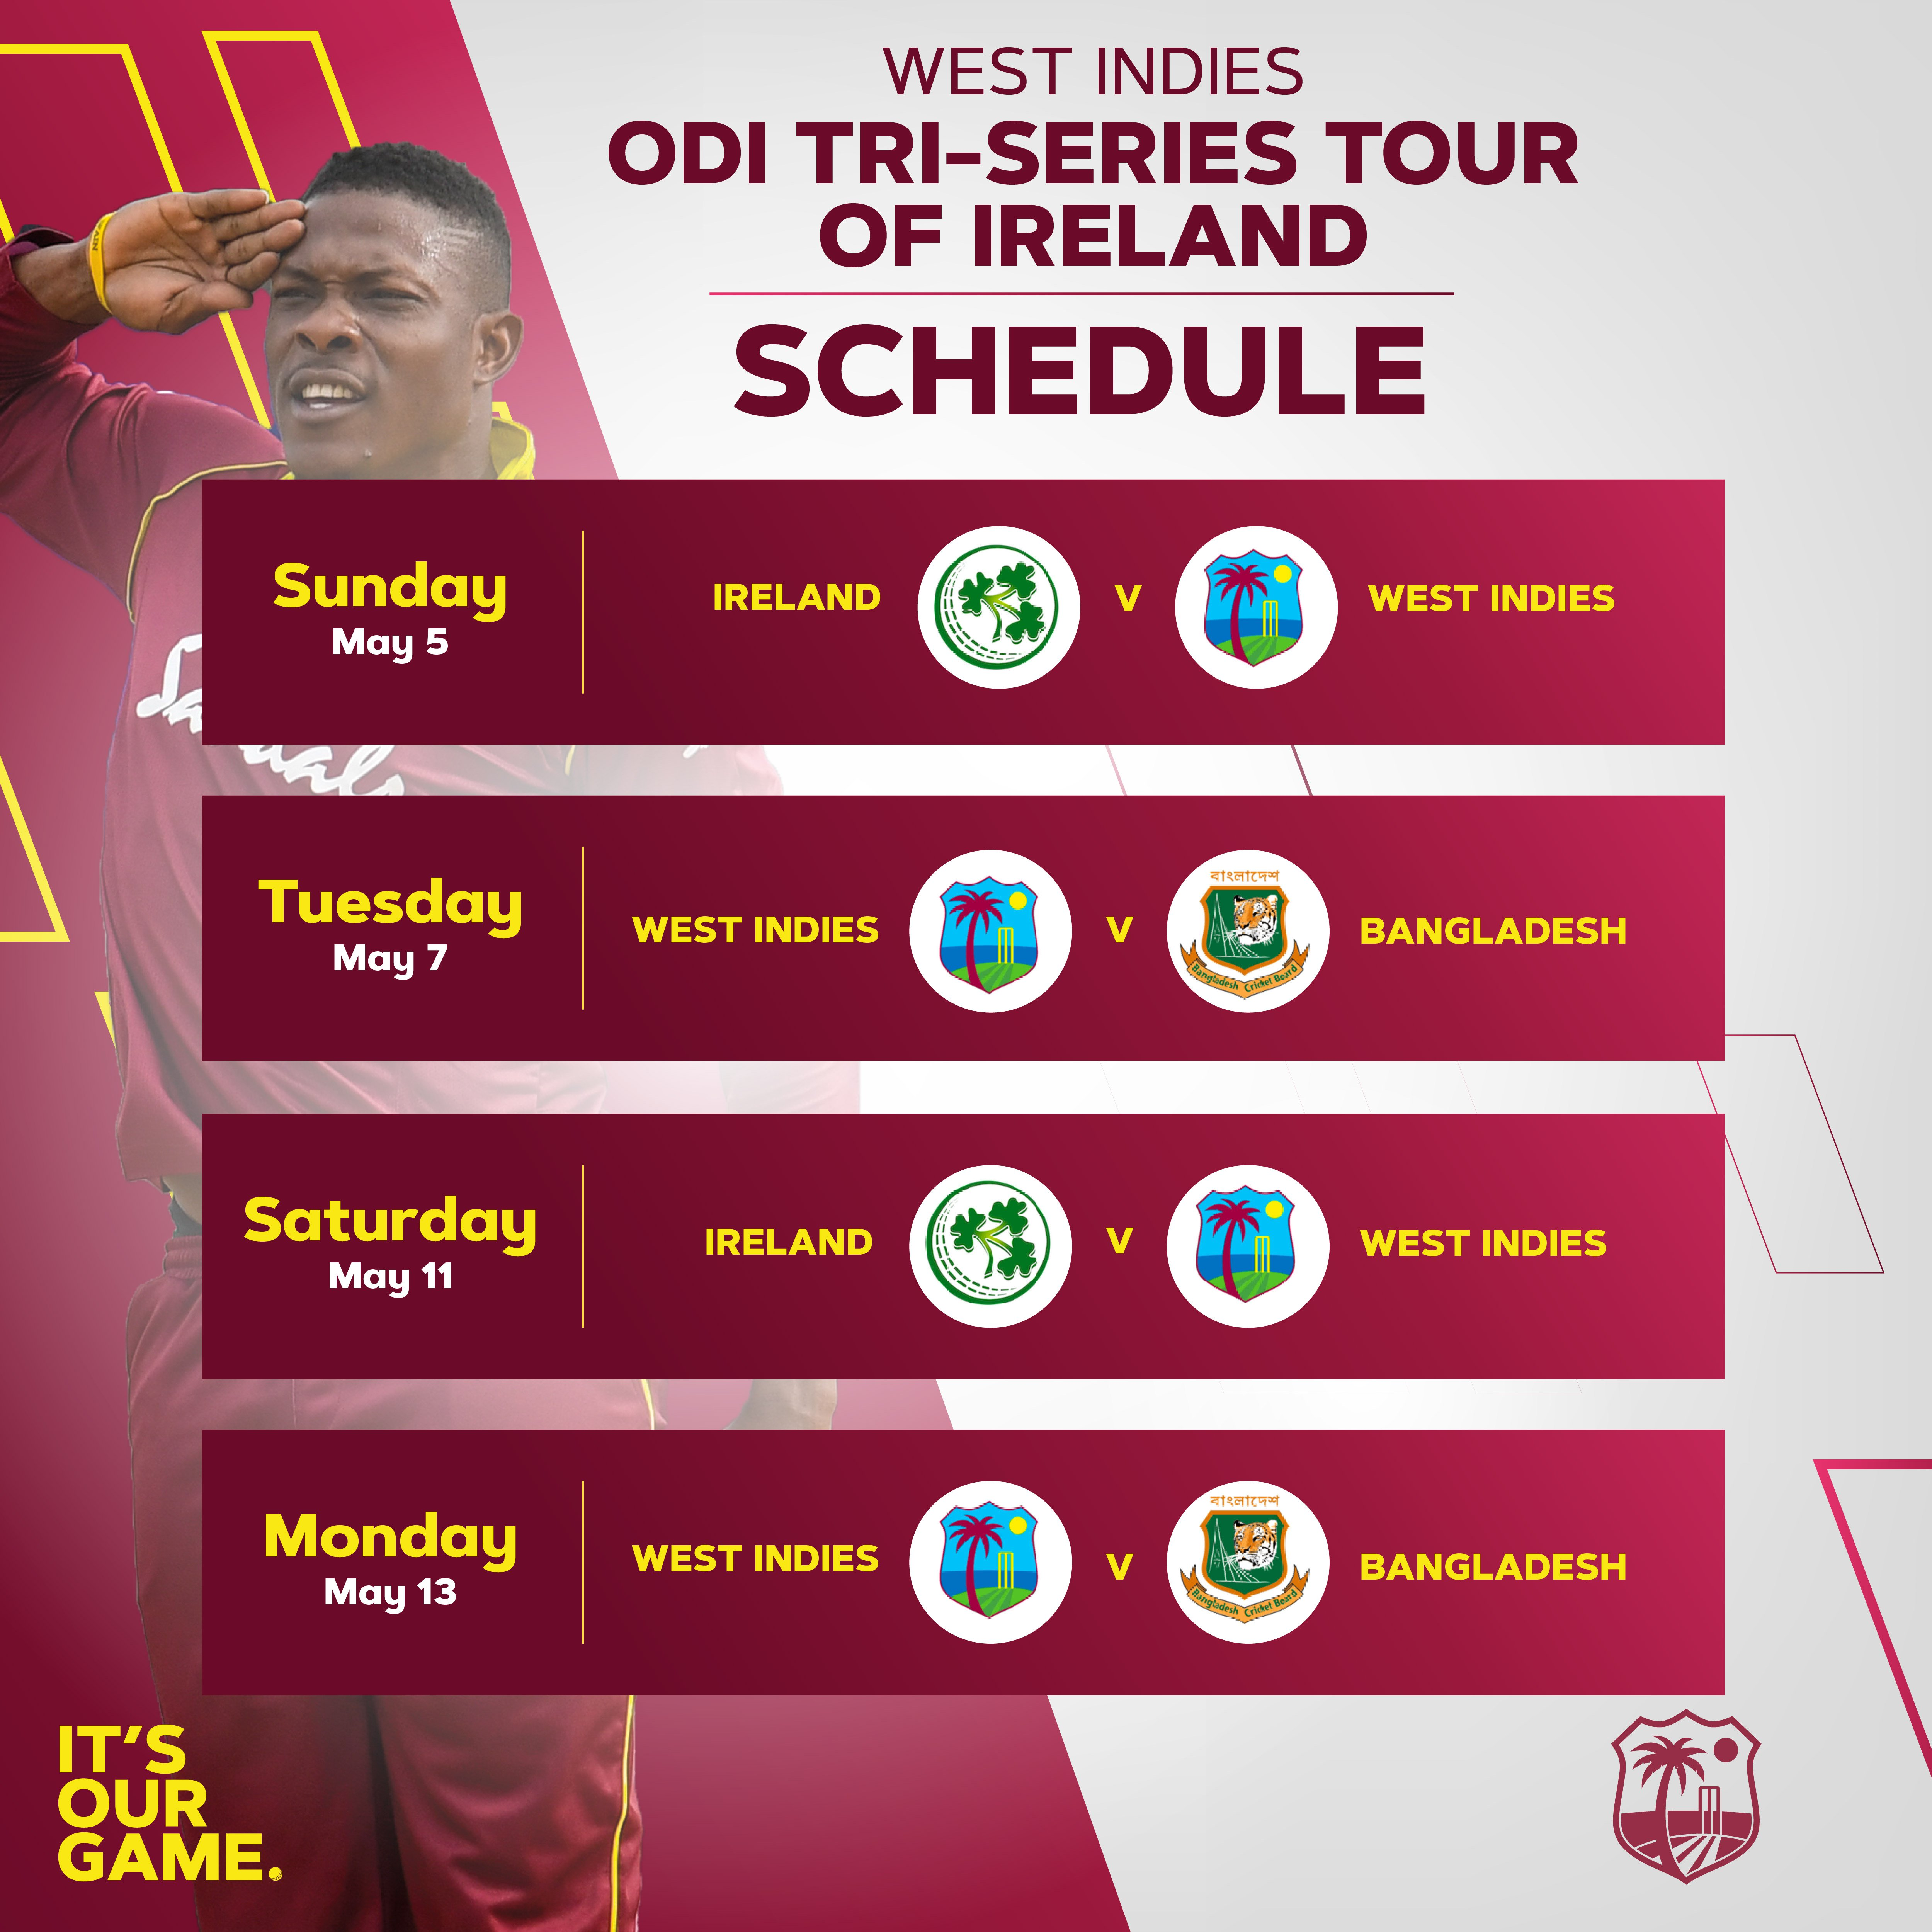 Ireland tri series schedule.jpg